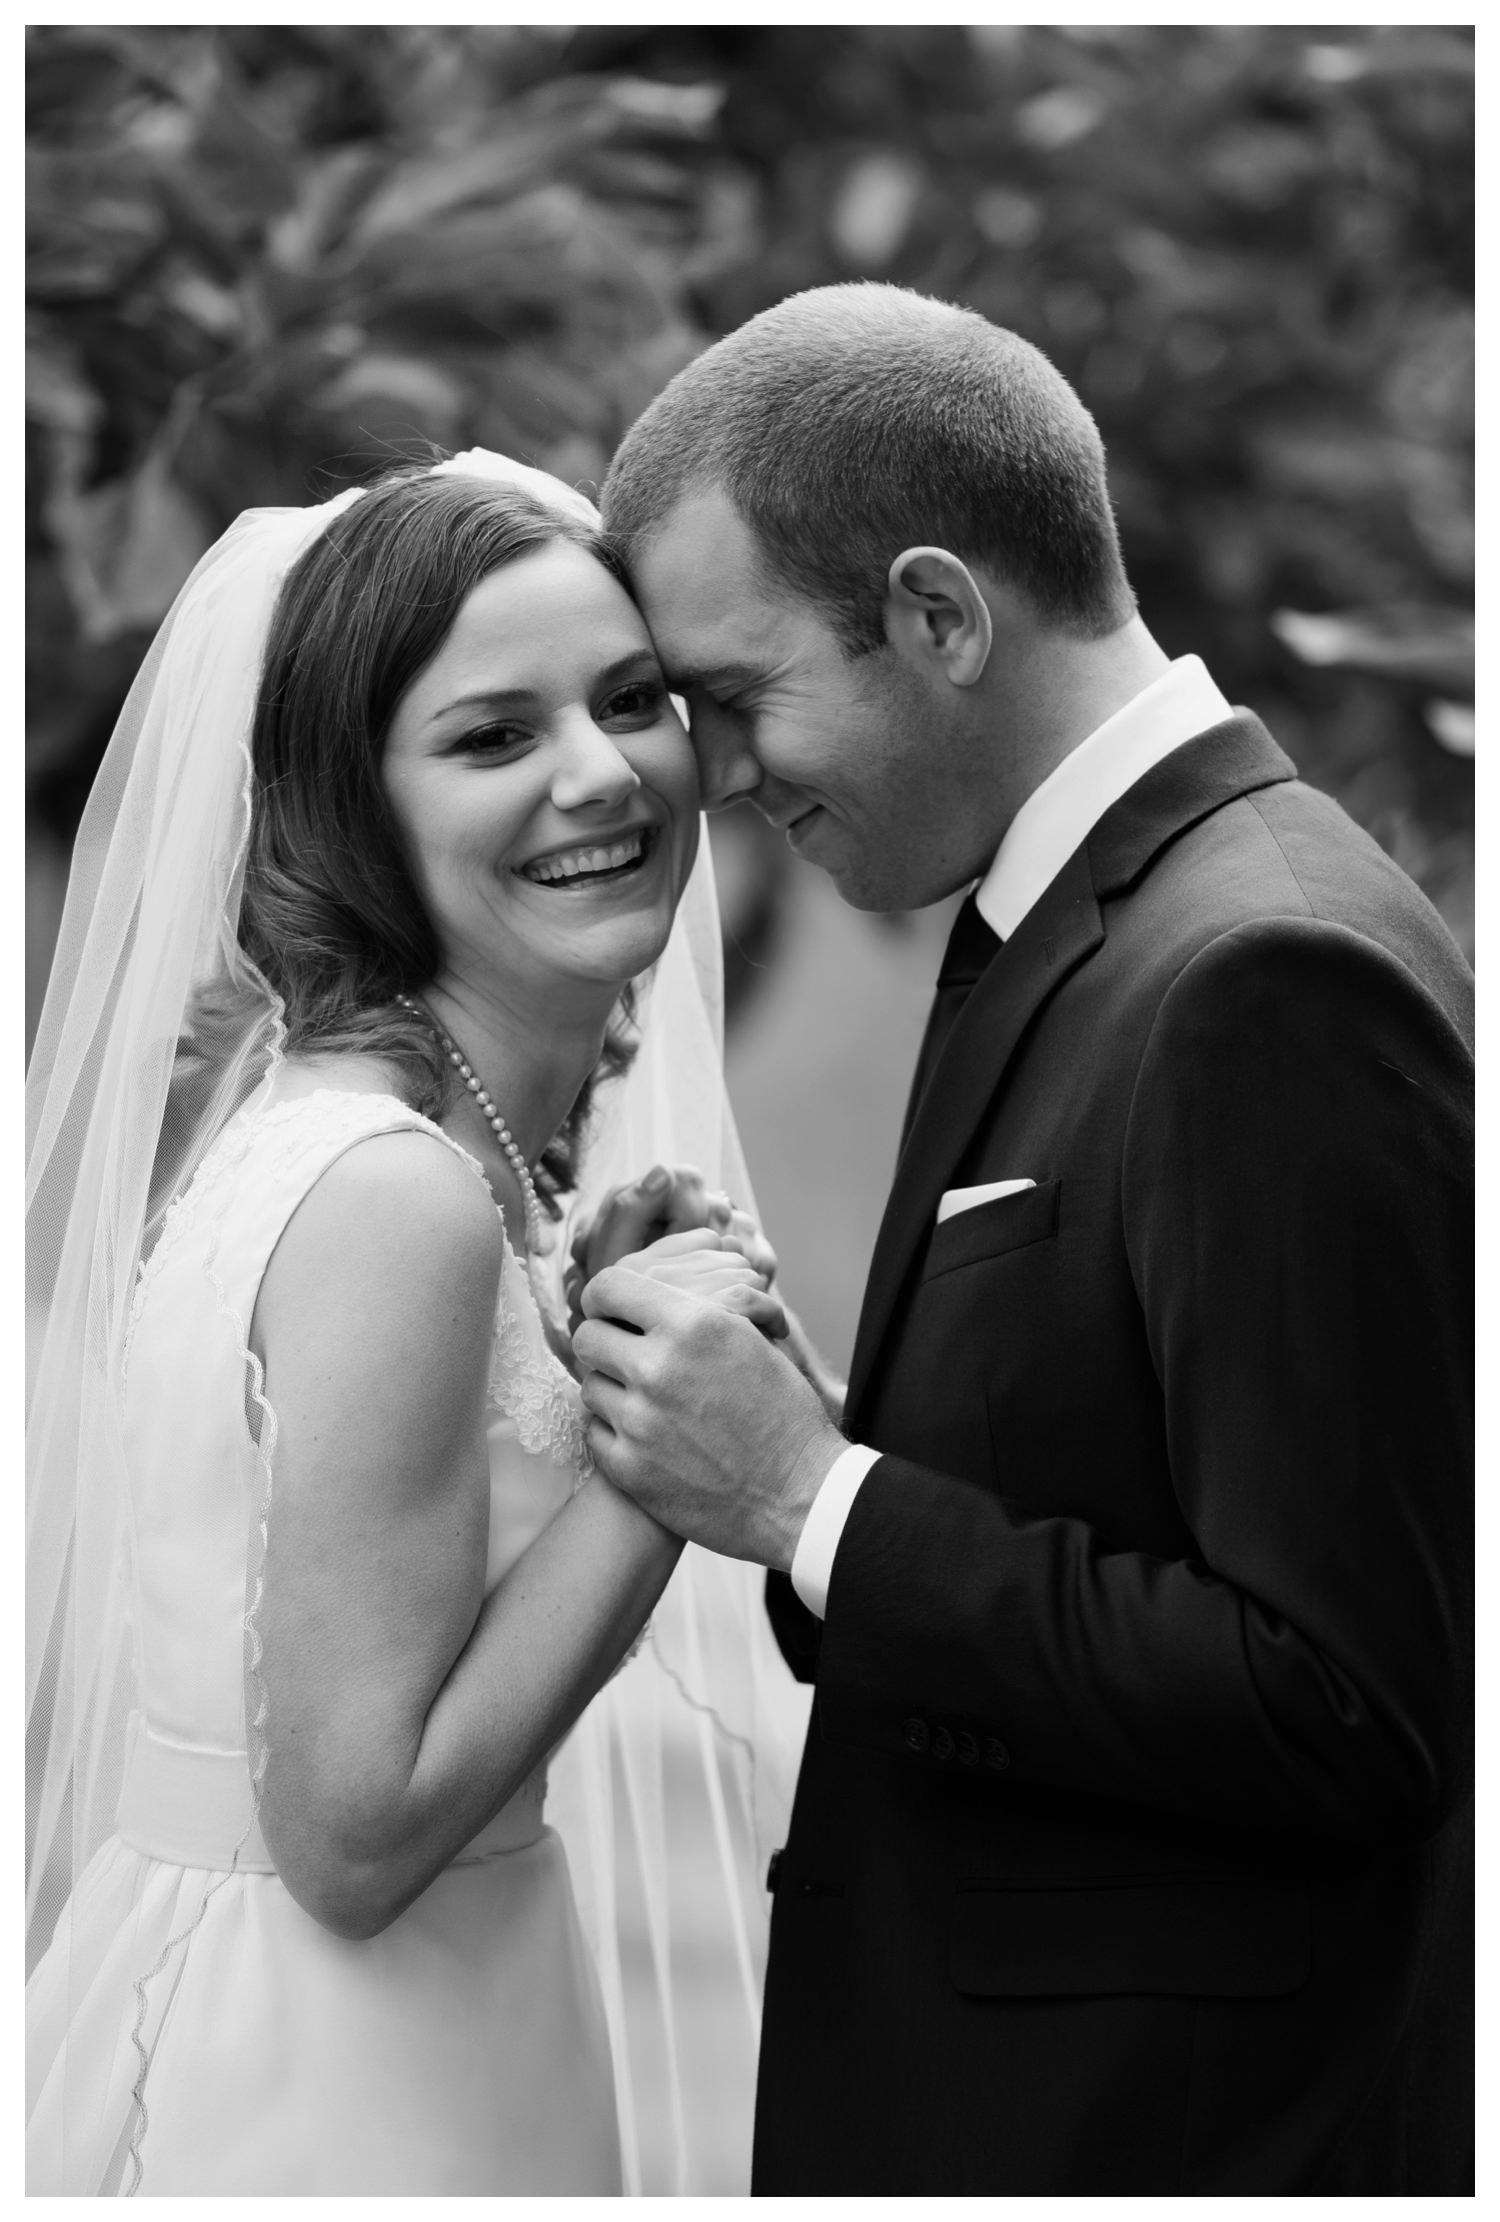 TheSinglers_WeddingPhotography_FallbrookWedding_0119.jpg